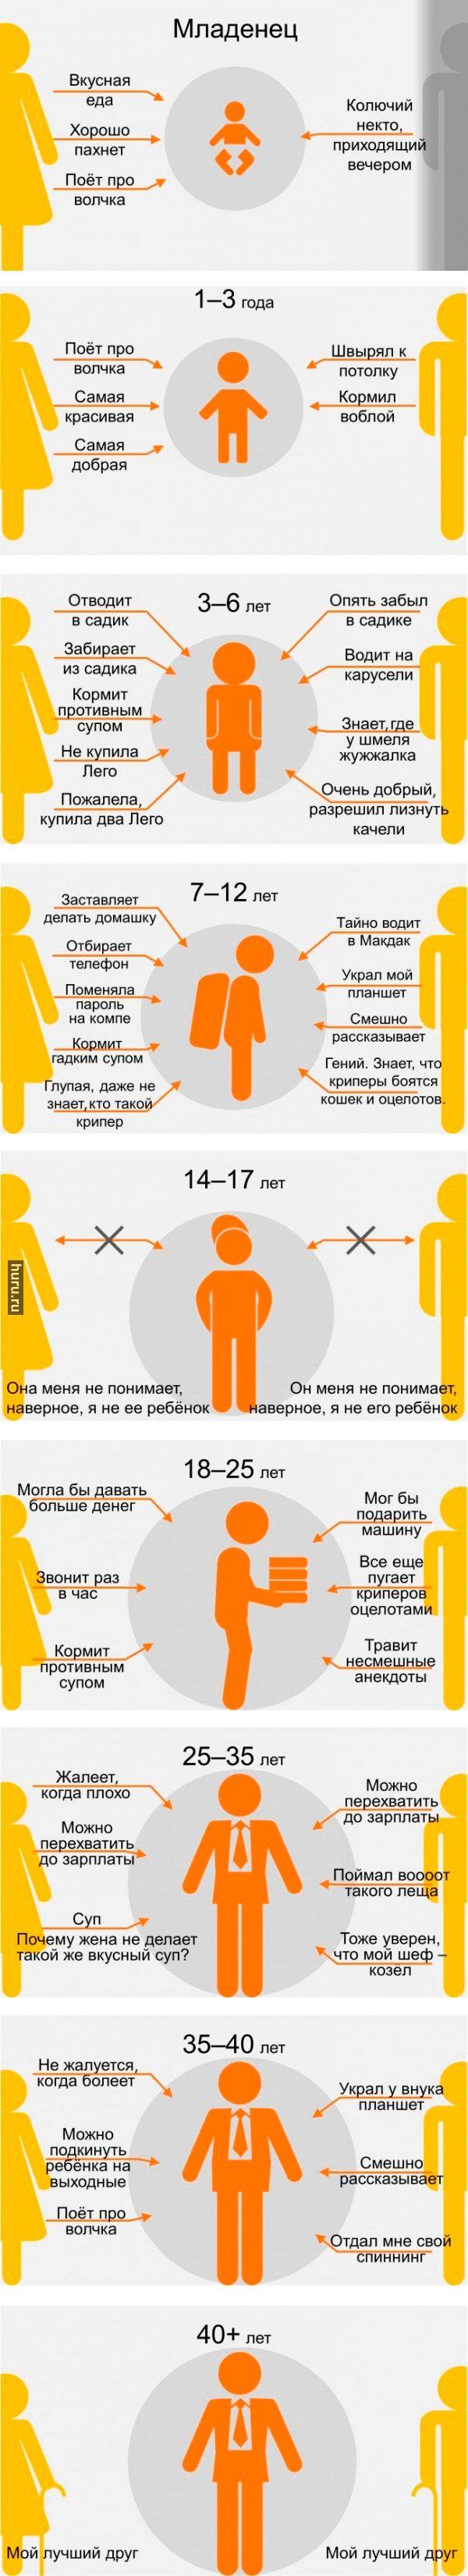 Родители глазами ребёнка в разном возрасте (9 стадий)